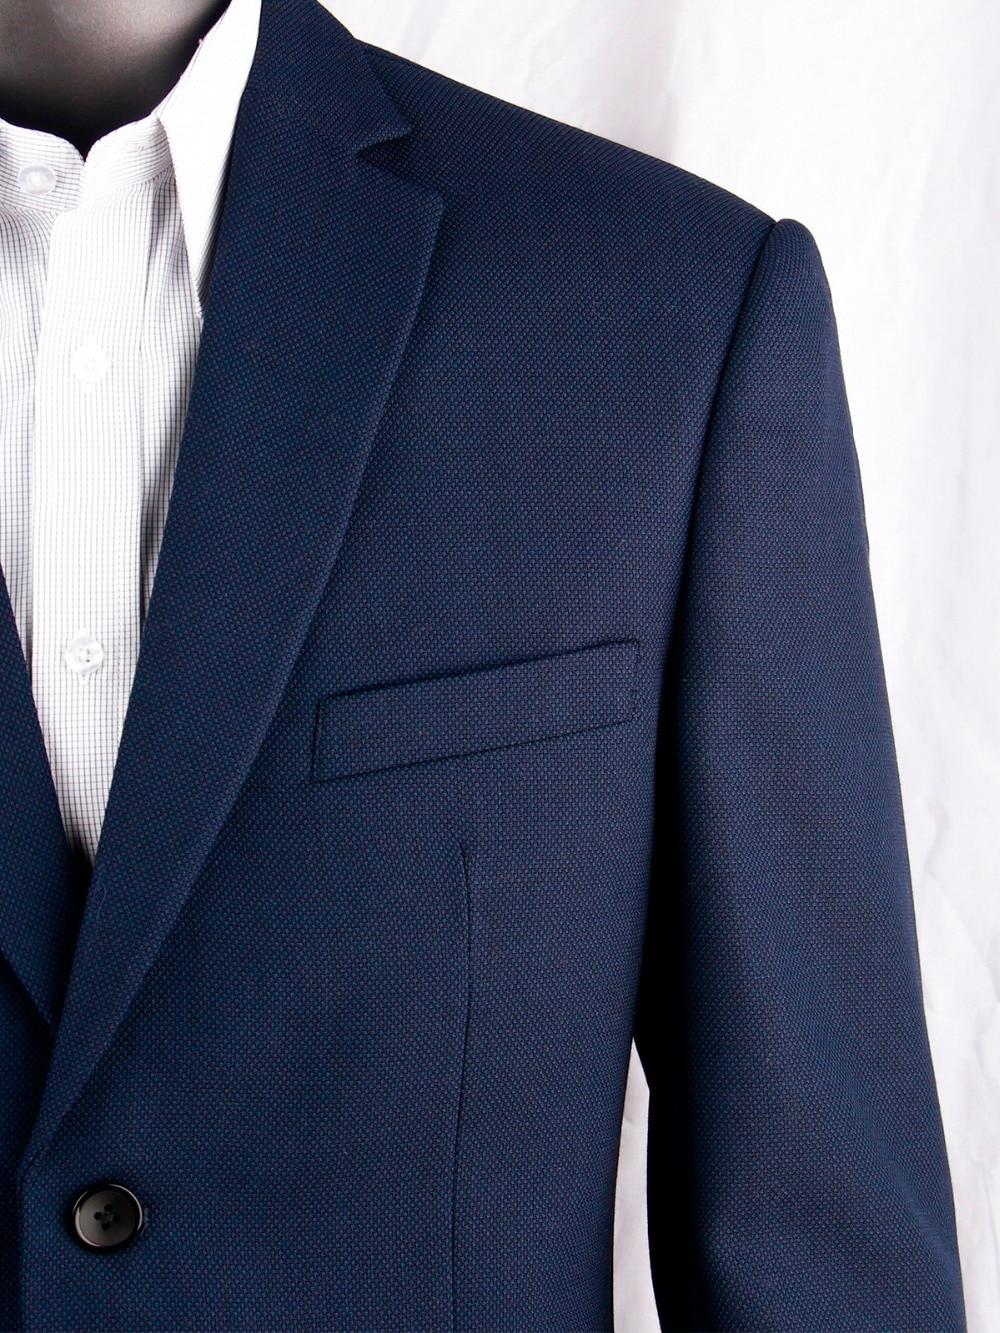 Bespoke Grau Bräutigam Hochzeit Anzug Mit Breiten Revers Neueste Mode Tailored Smoking Nach Maß Zu Messen Männer Anzug jacke + Pants + Tie + Tasche Squaure